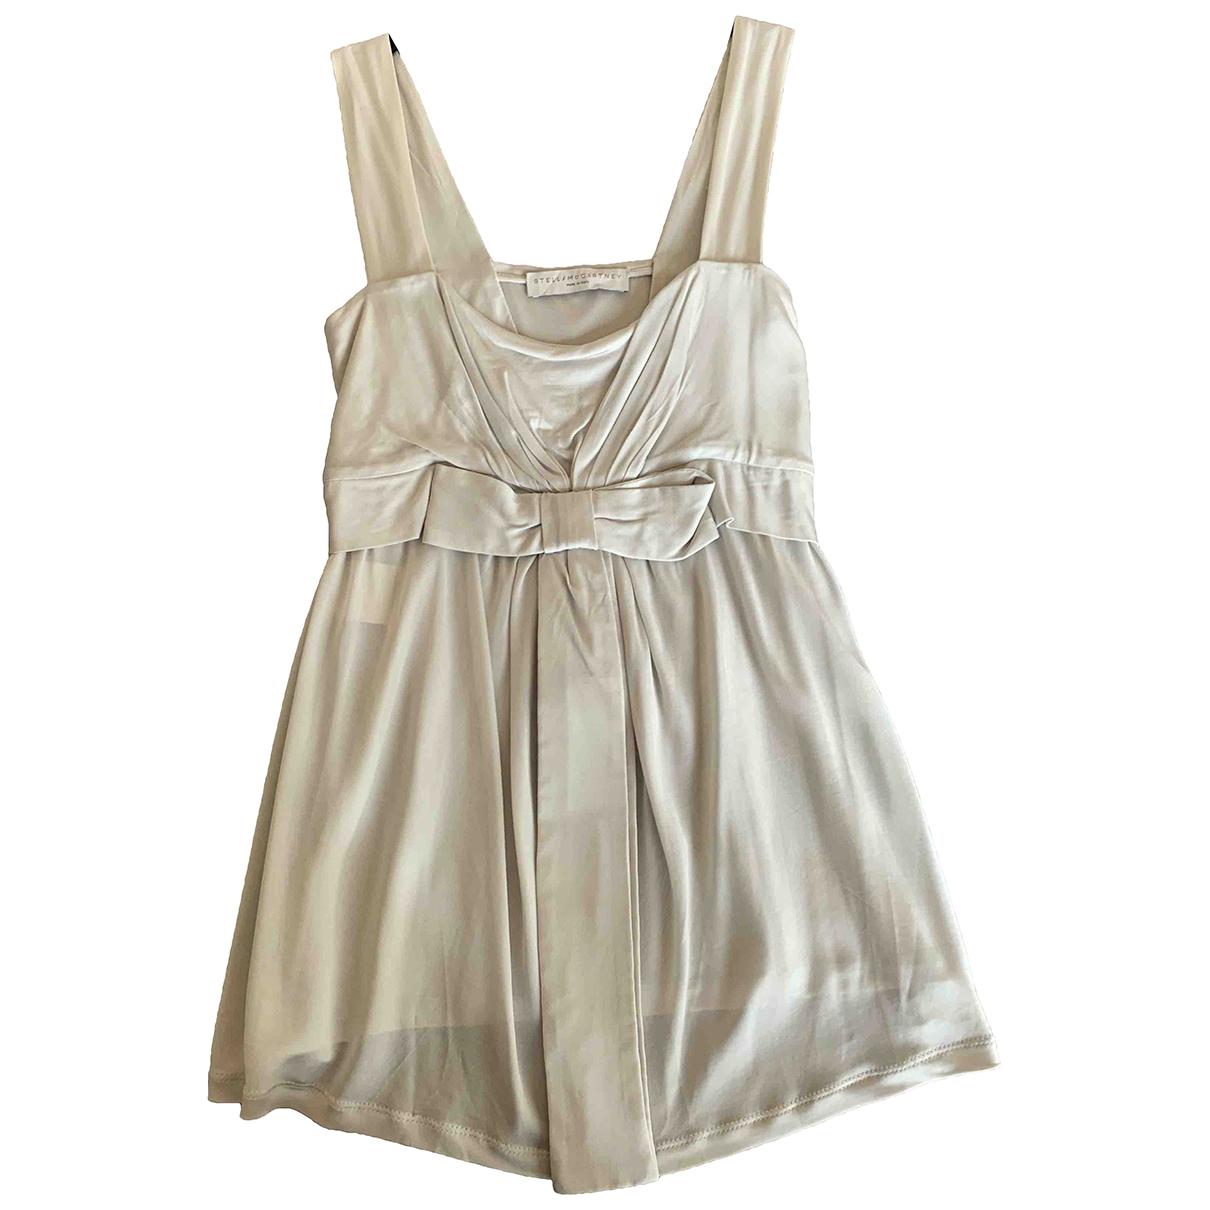 Stella Mccartney \N Grey  top for Women 38 IT